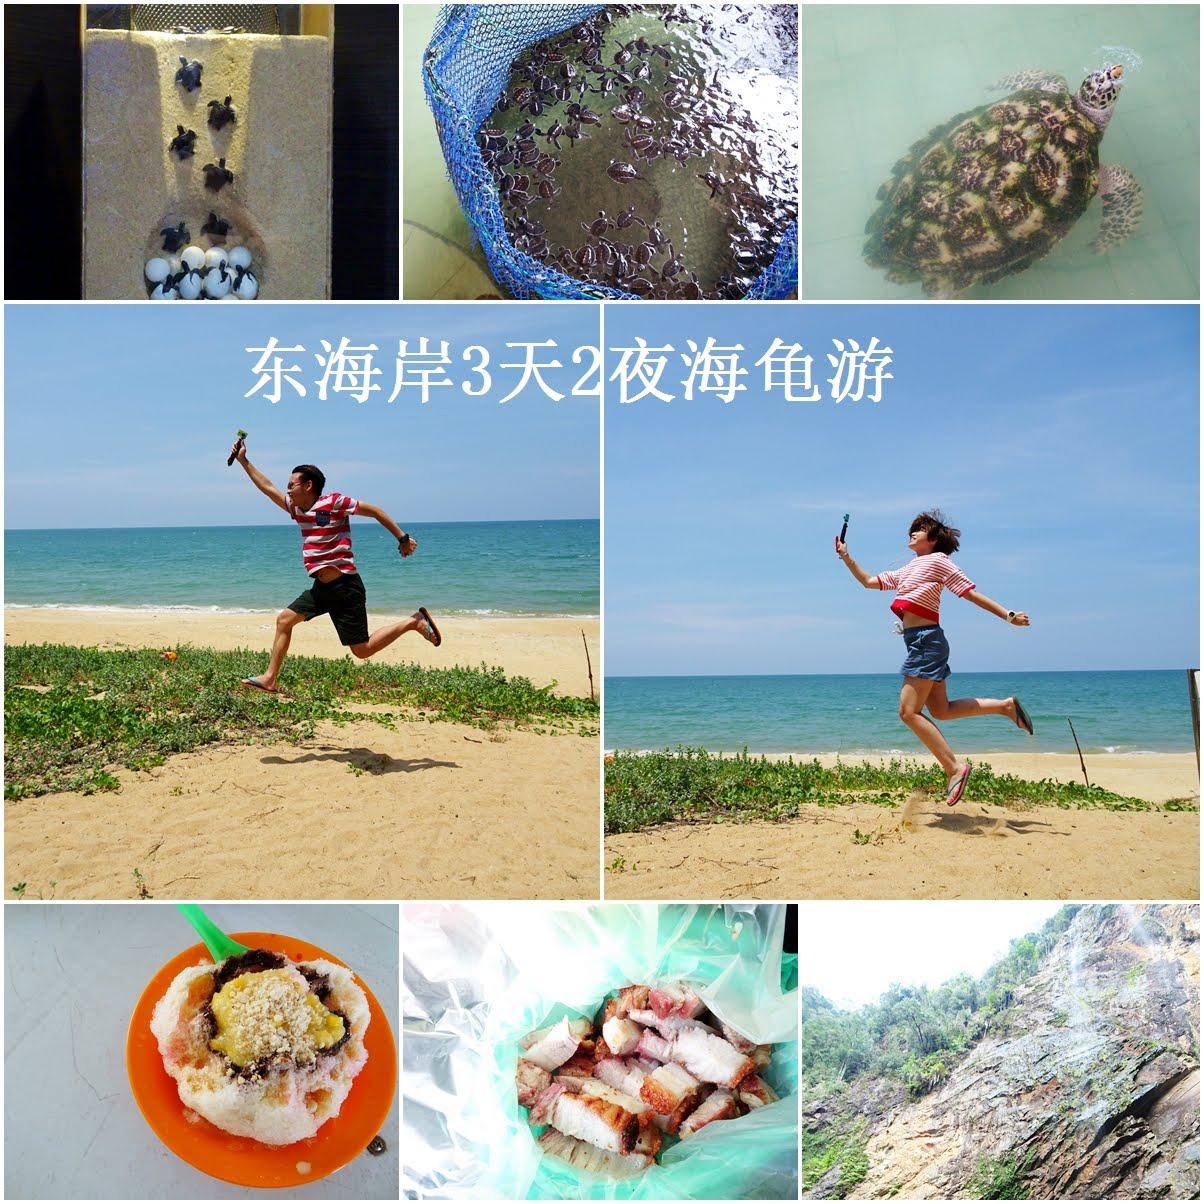 东海岸3天2夜海龟游总行程